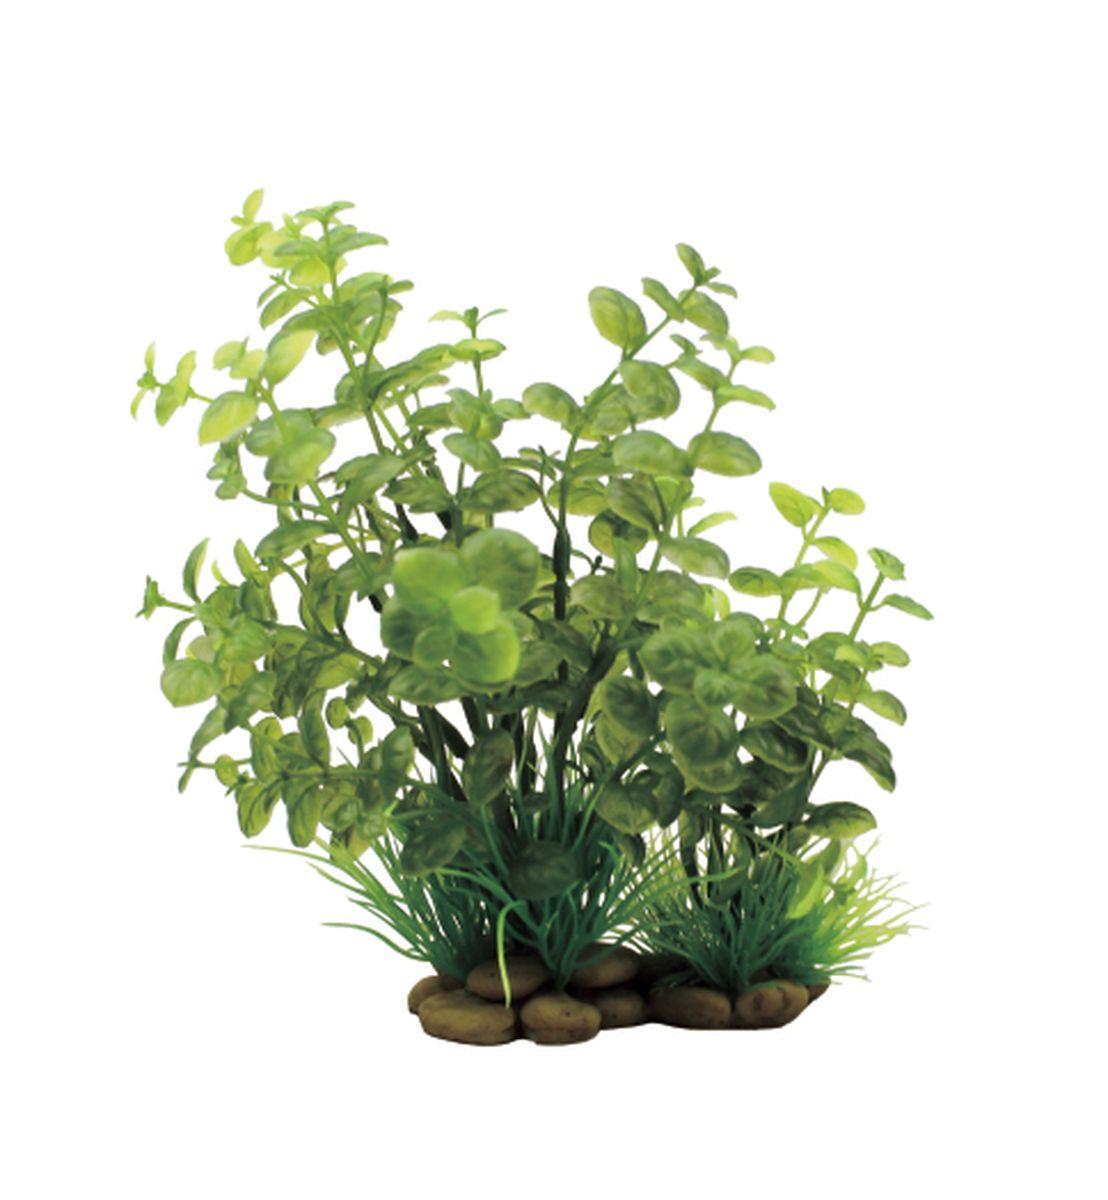 Растение для аквариума ArtUniq Кардамин, высота 20 см0120710Растение для аквариума ArtUniq Кардамин, высота 20 см